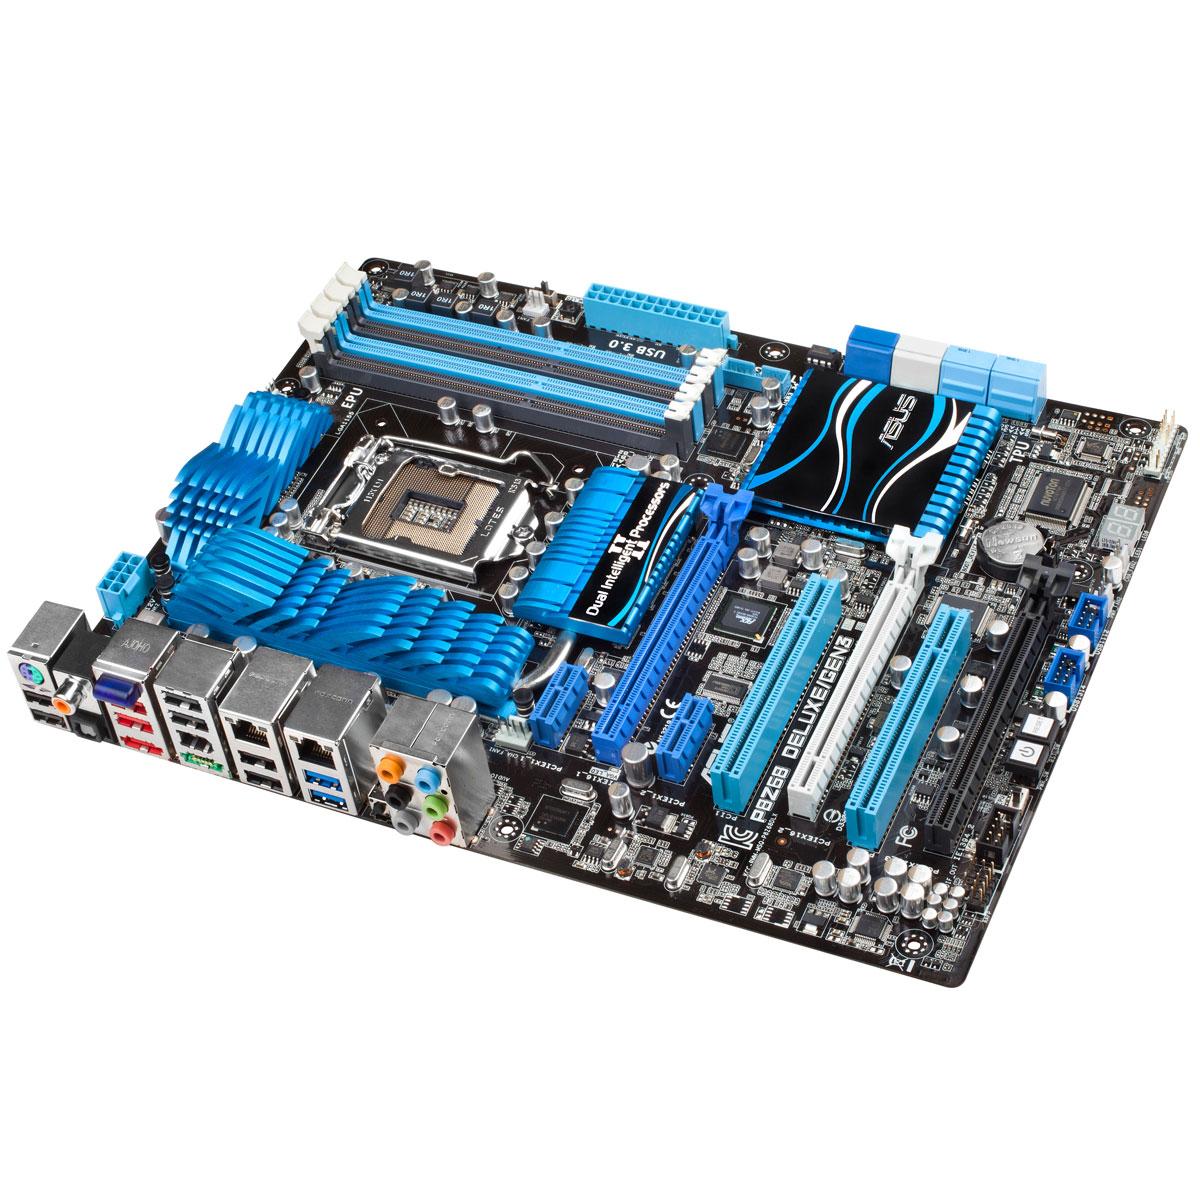 Carte mère ASUS P8Z68 Deluxe GEN 3 Carte mère ATX Socket 1155 Intel Z68 Express - SATA 6 Gbps - USB 3.0 -  2x Gigabit LAN - 2x PCI-Express 3.0 16x